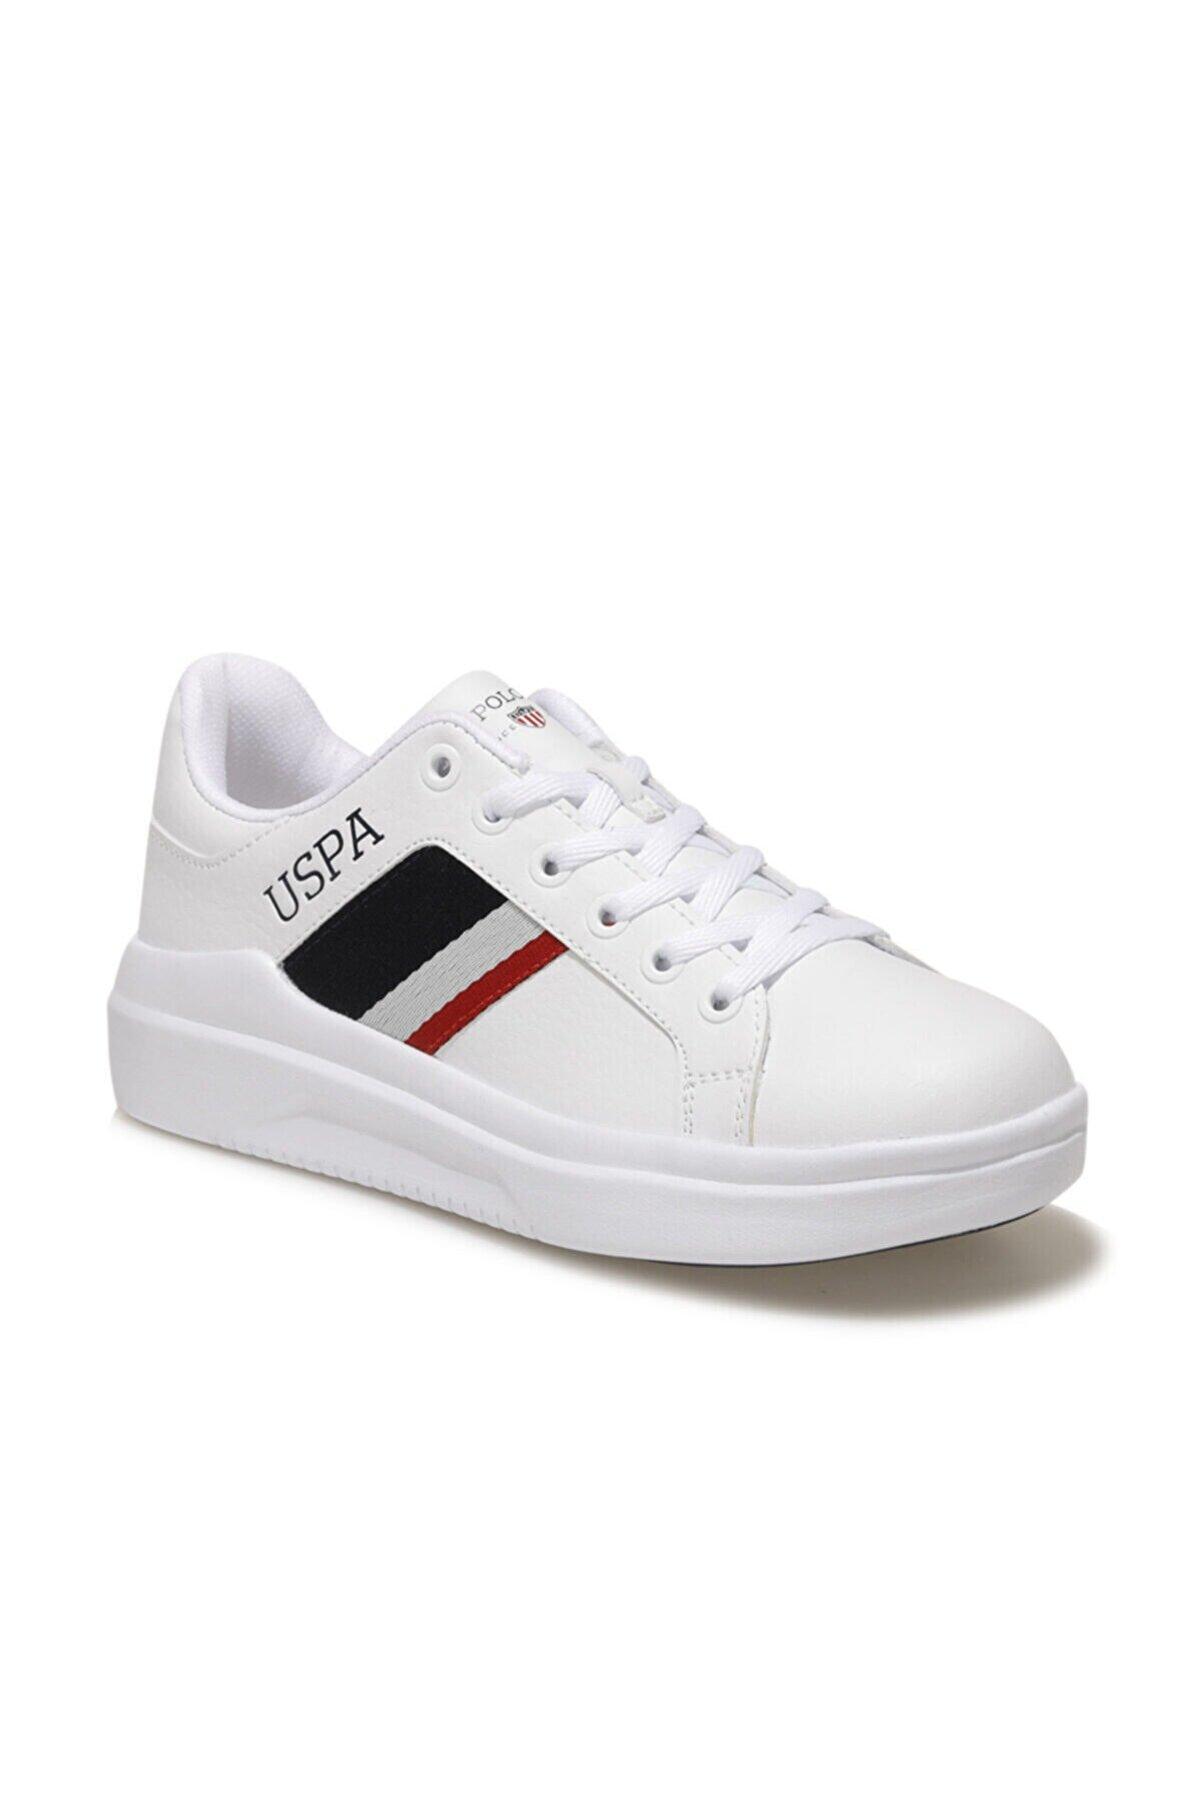 US Polo Assn CAMEL WMN 1FX Beyaz Kadın Sneaker Ayakkabı 100909714